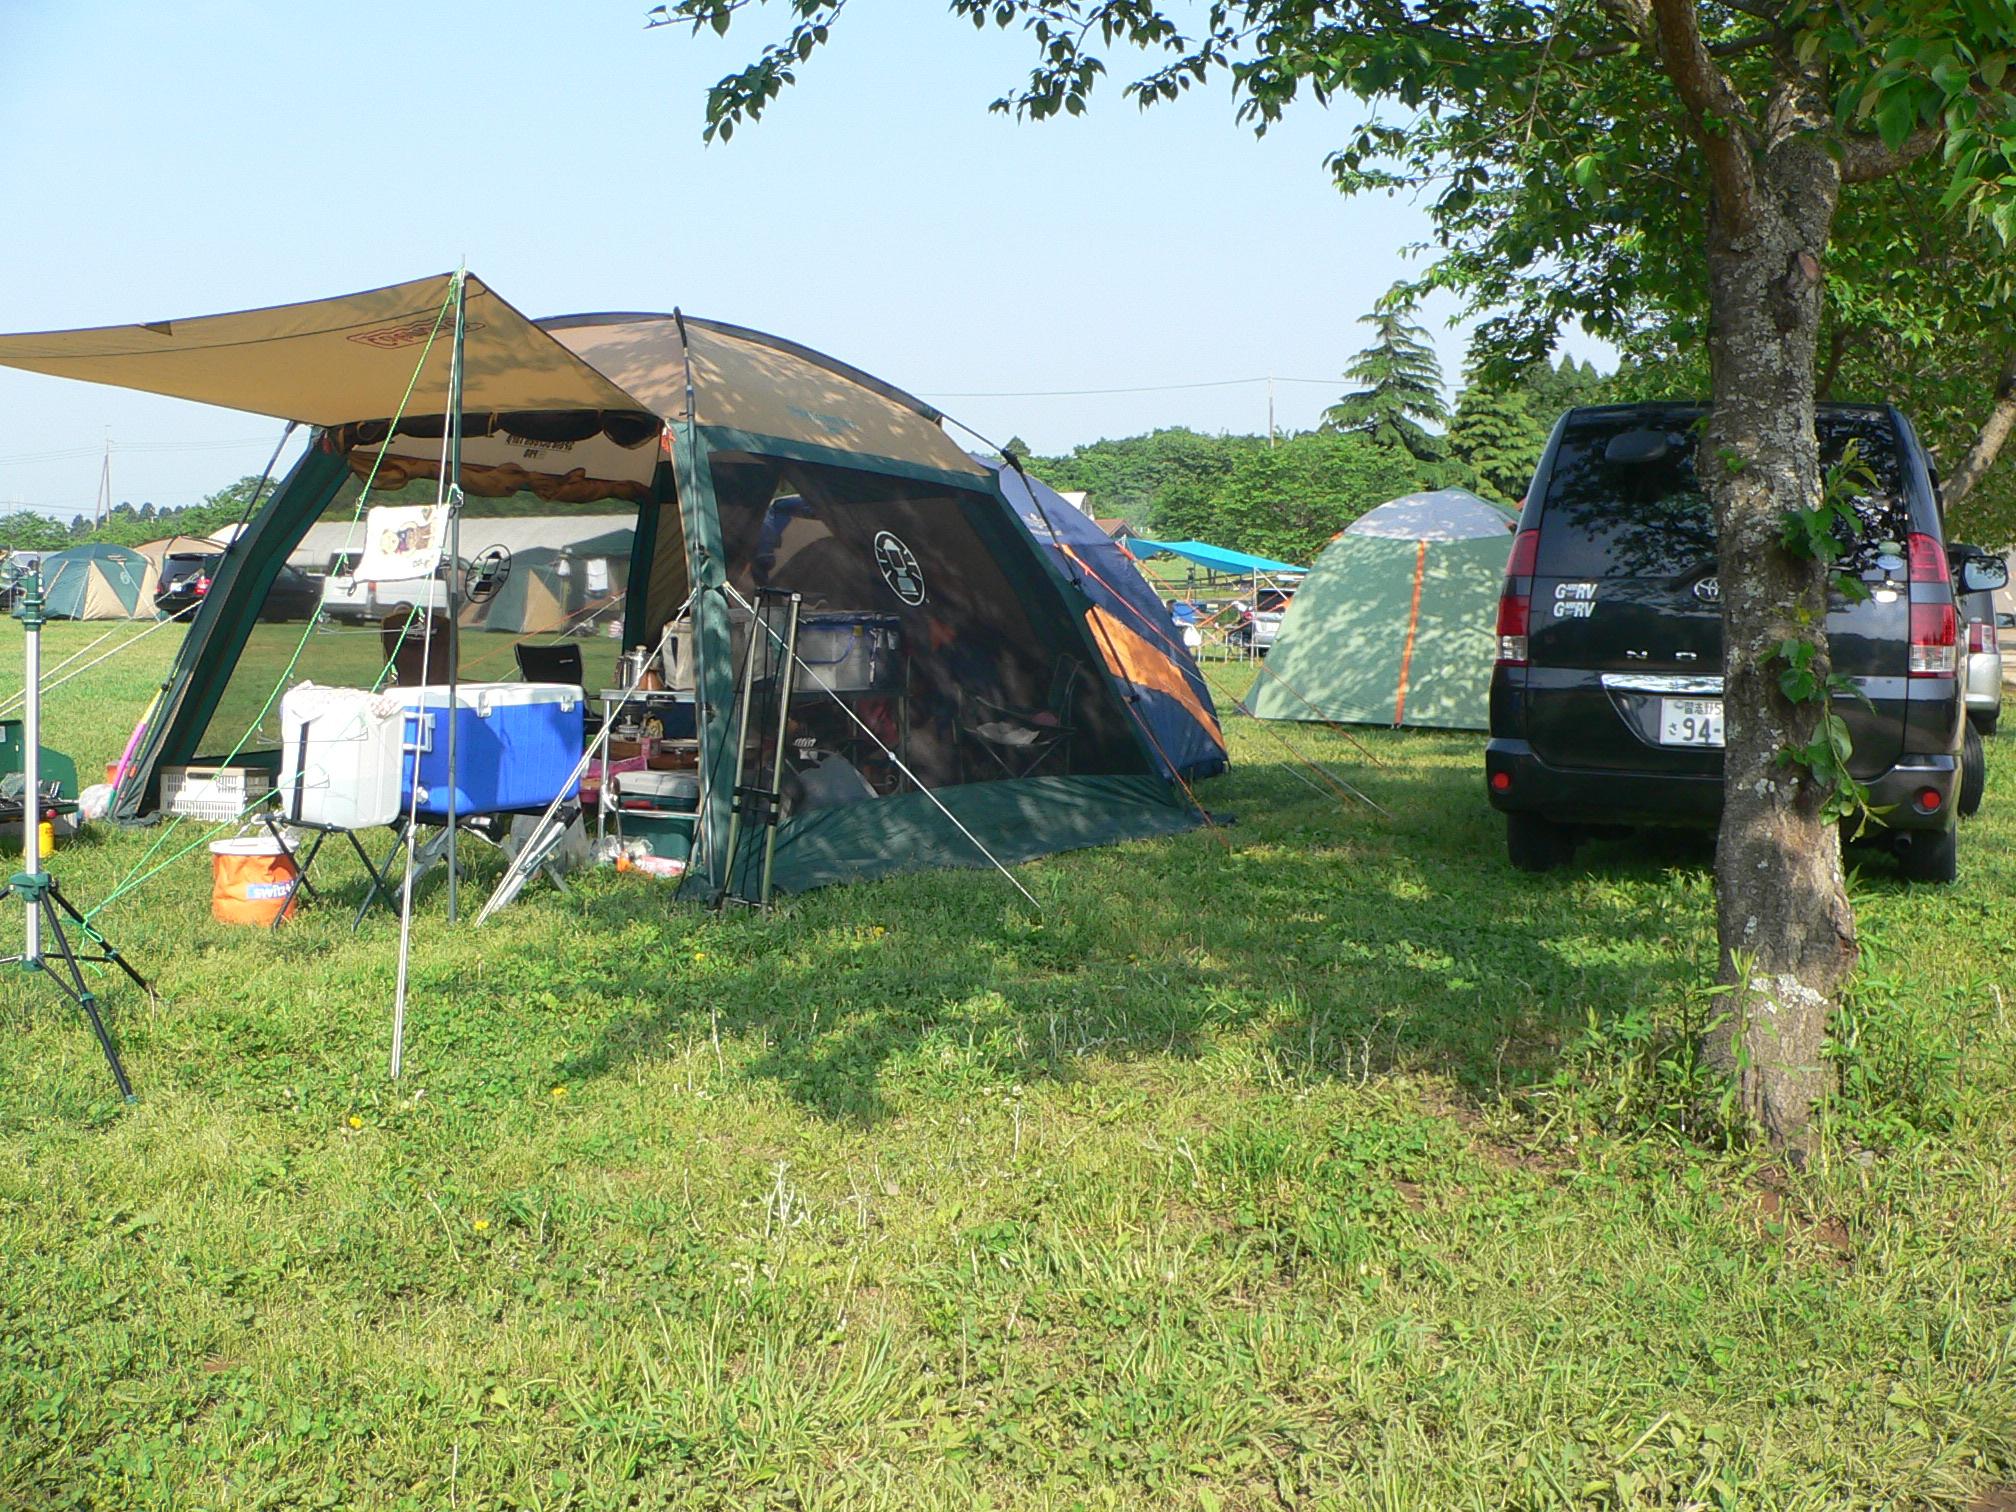 成田ゆめ牧場でキャンプを楽しもう!いちご狩りなどイベントも豊富!